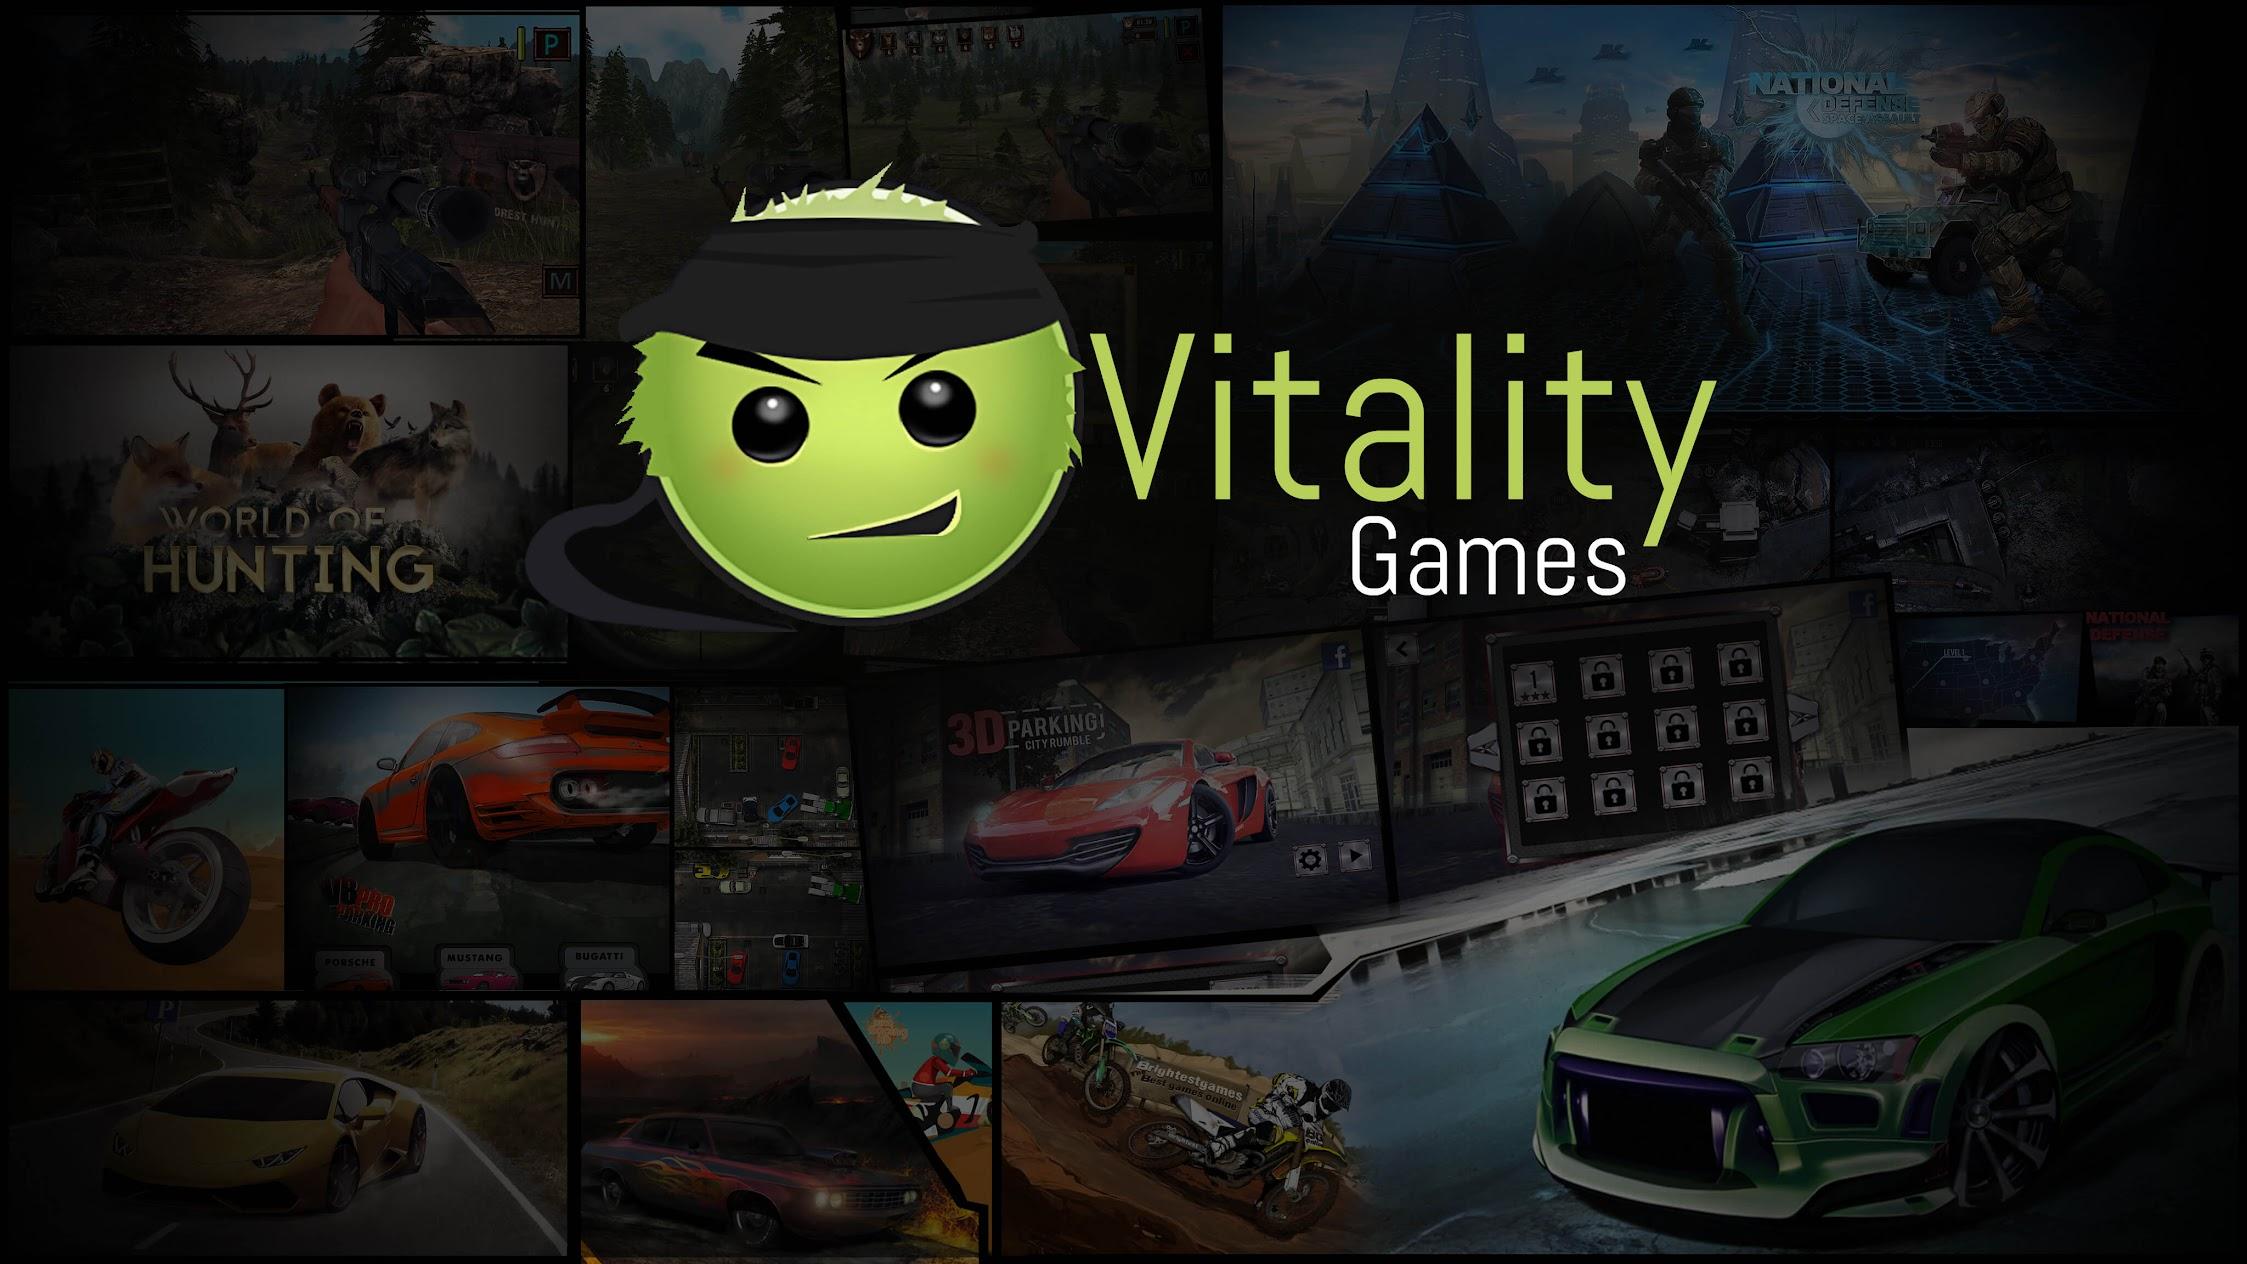 VitalityGames